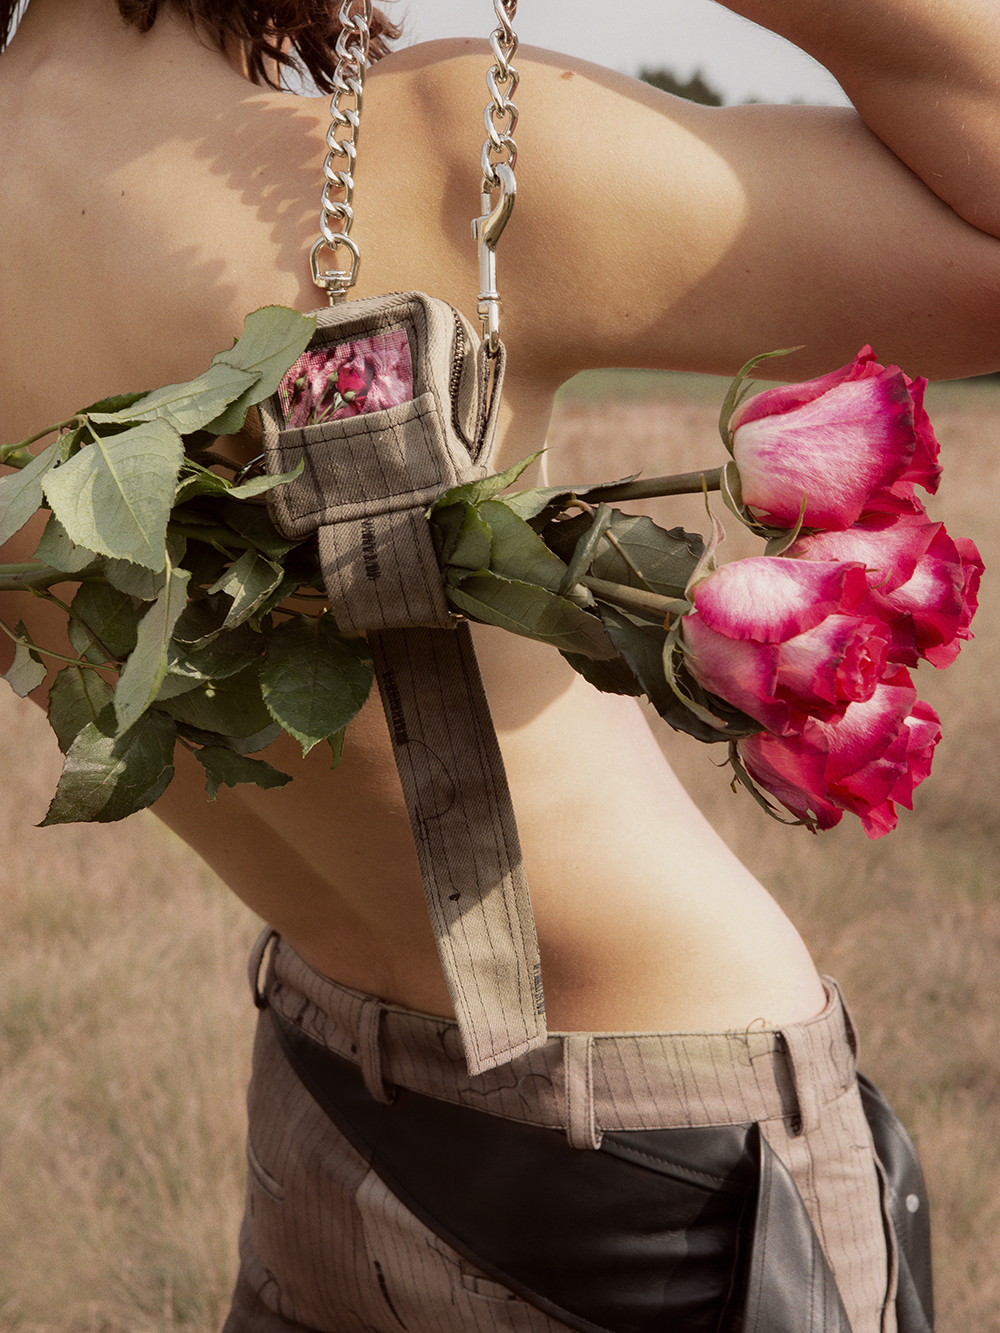 Kolekcja dyplomowa Jana Kardasa torefleksja natemat własnej seksualności